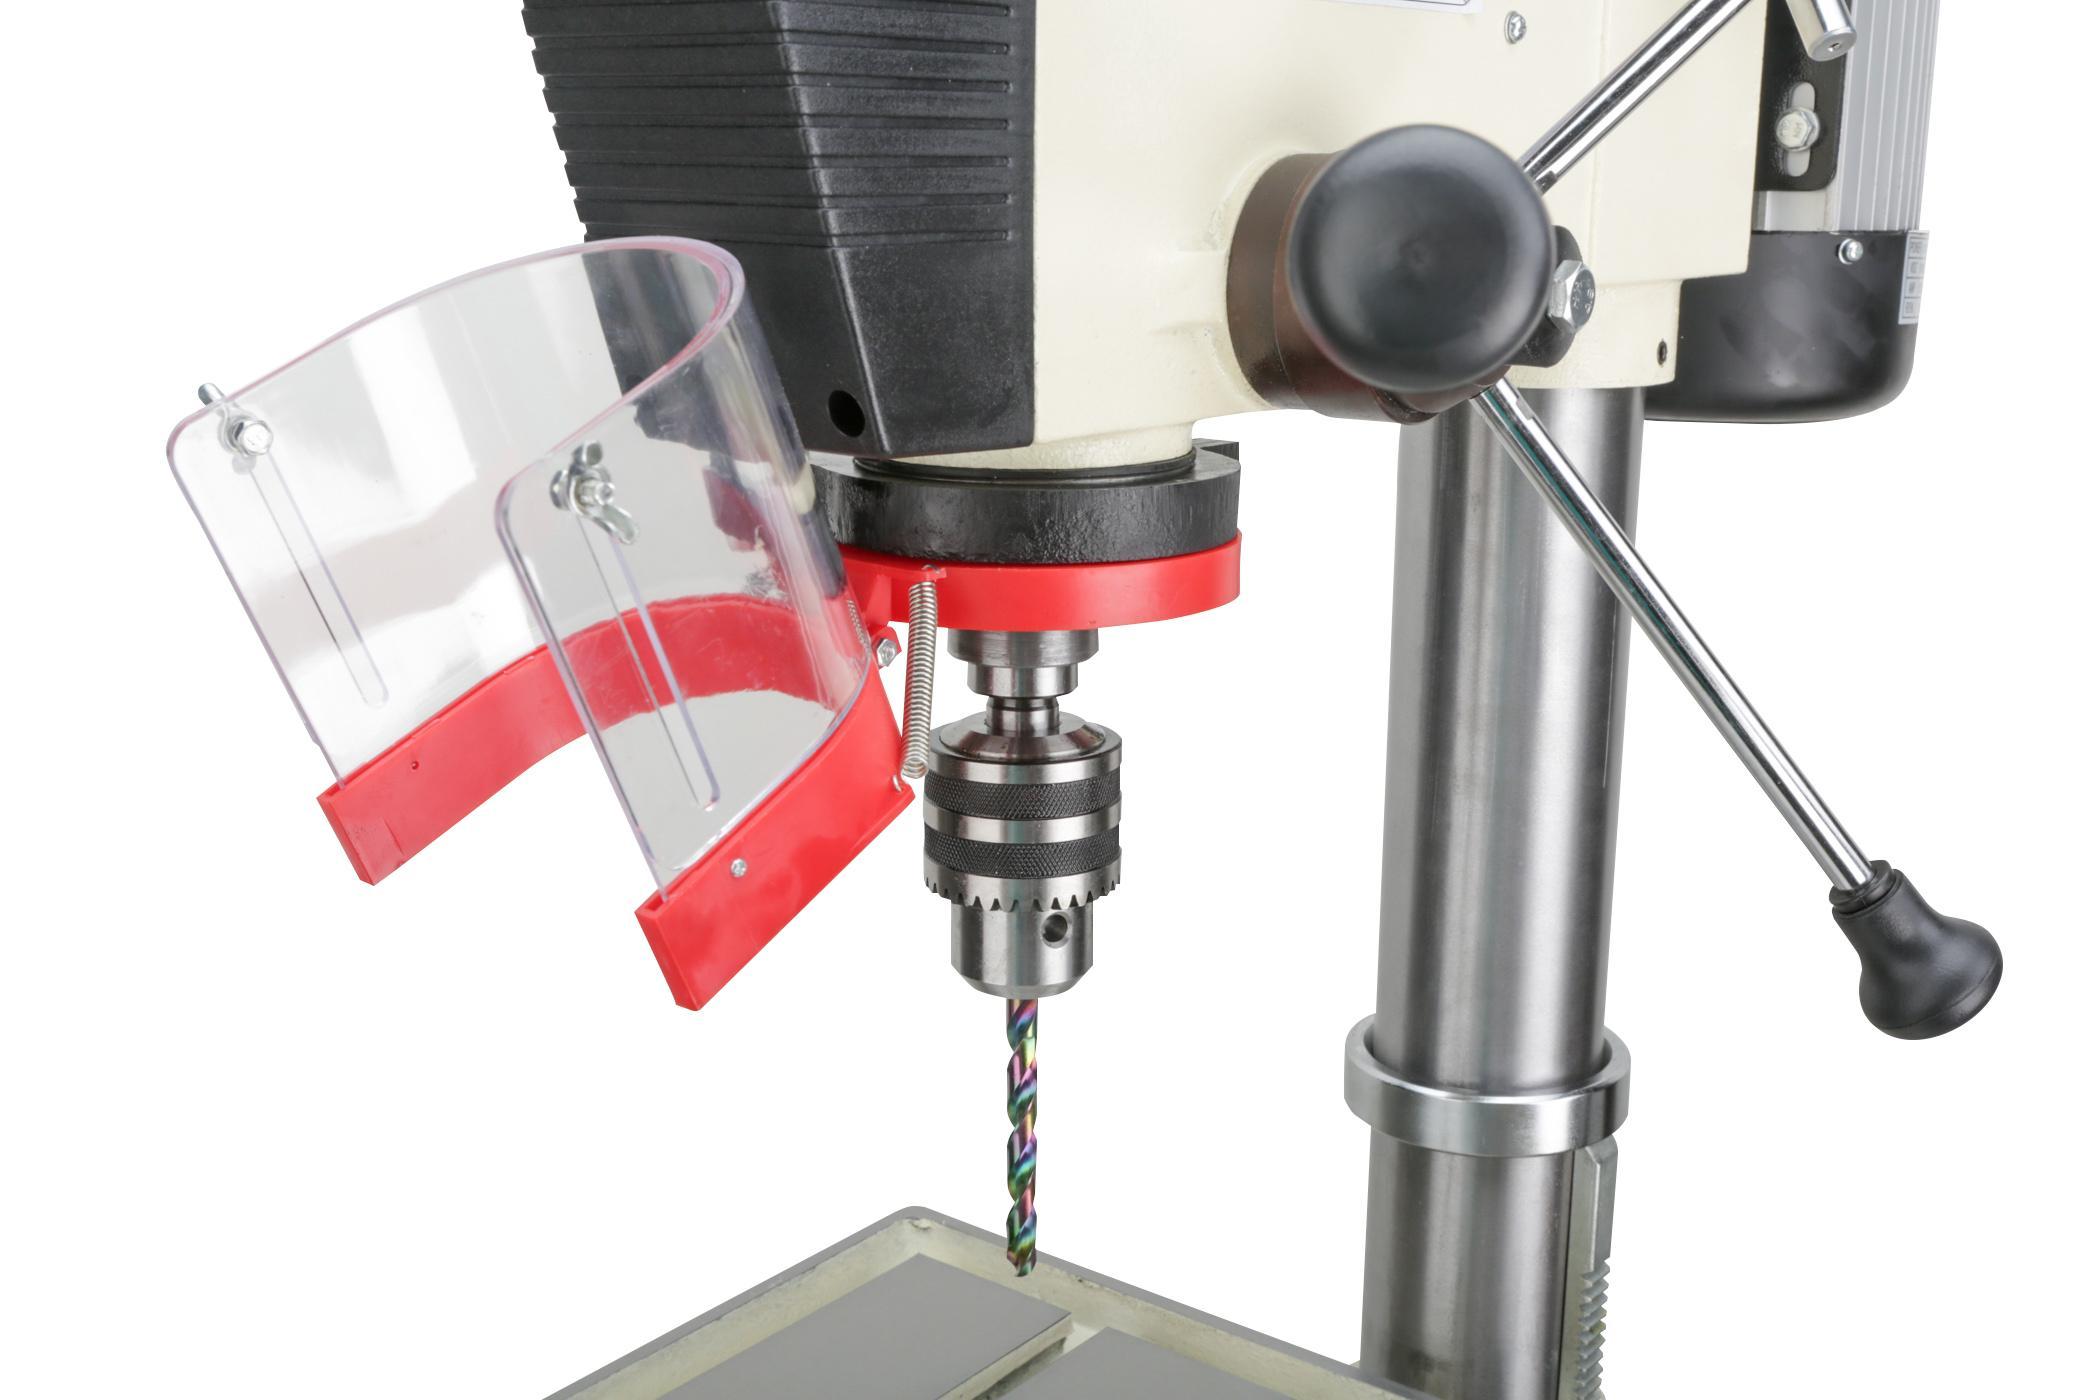 Drill Press Guard >> Shop Fox M1039 20 Inch Drill Press